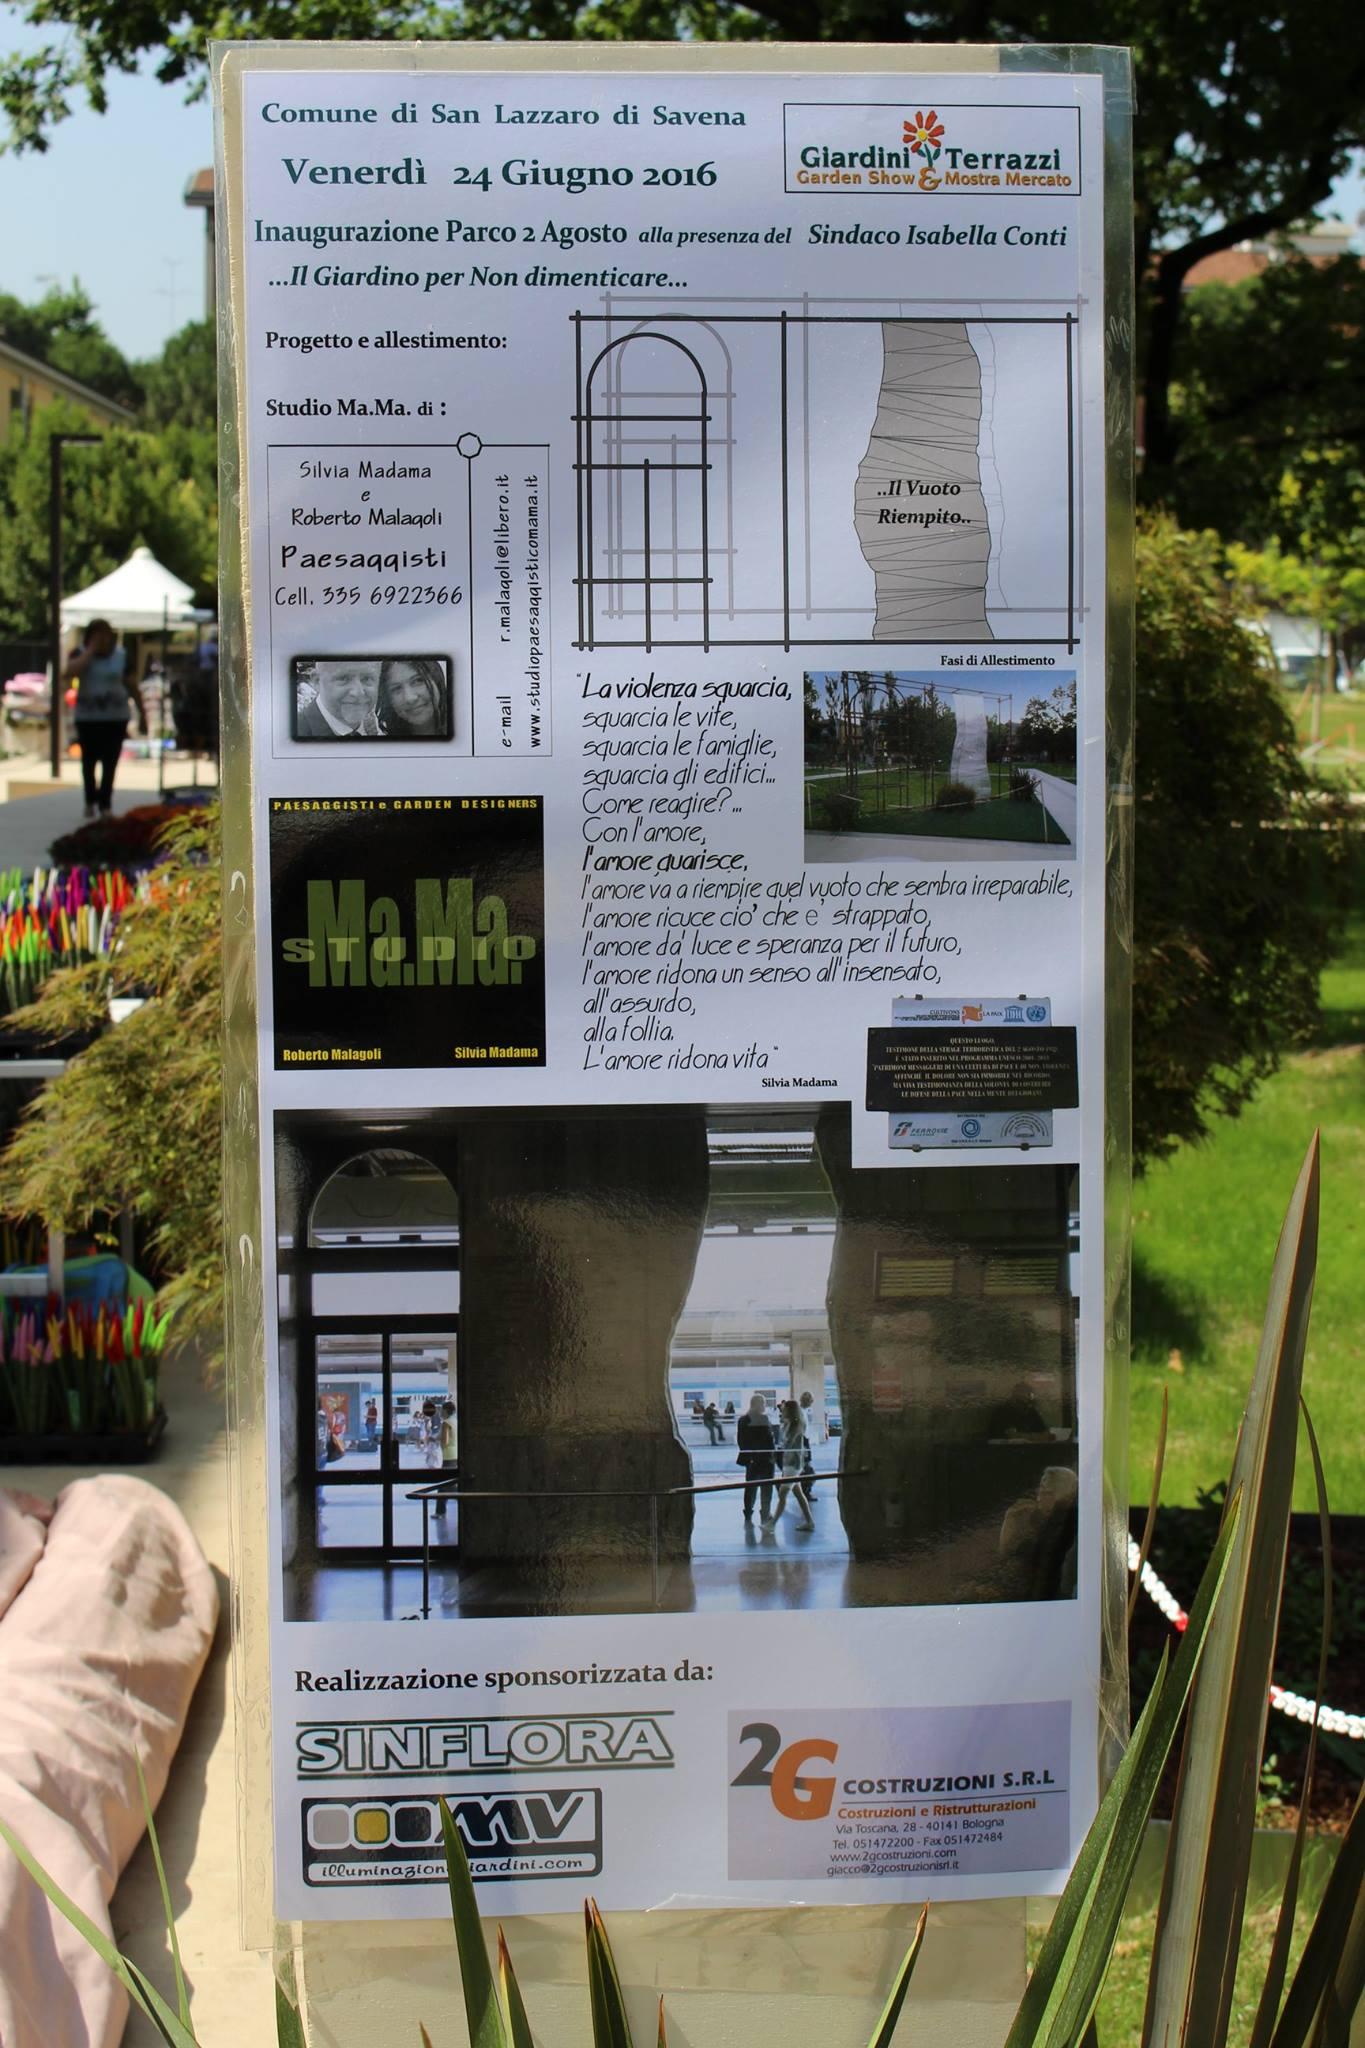 san lazzazro di savena | giardini & terrazzi - Giardini E Terrazzi Garden Show Mostra Mercato